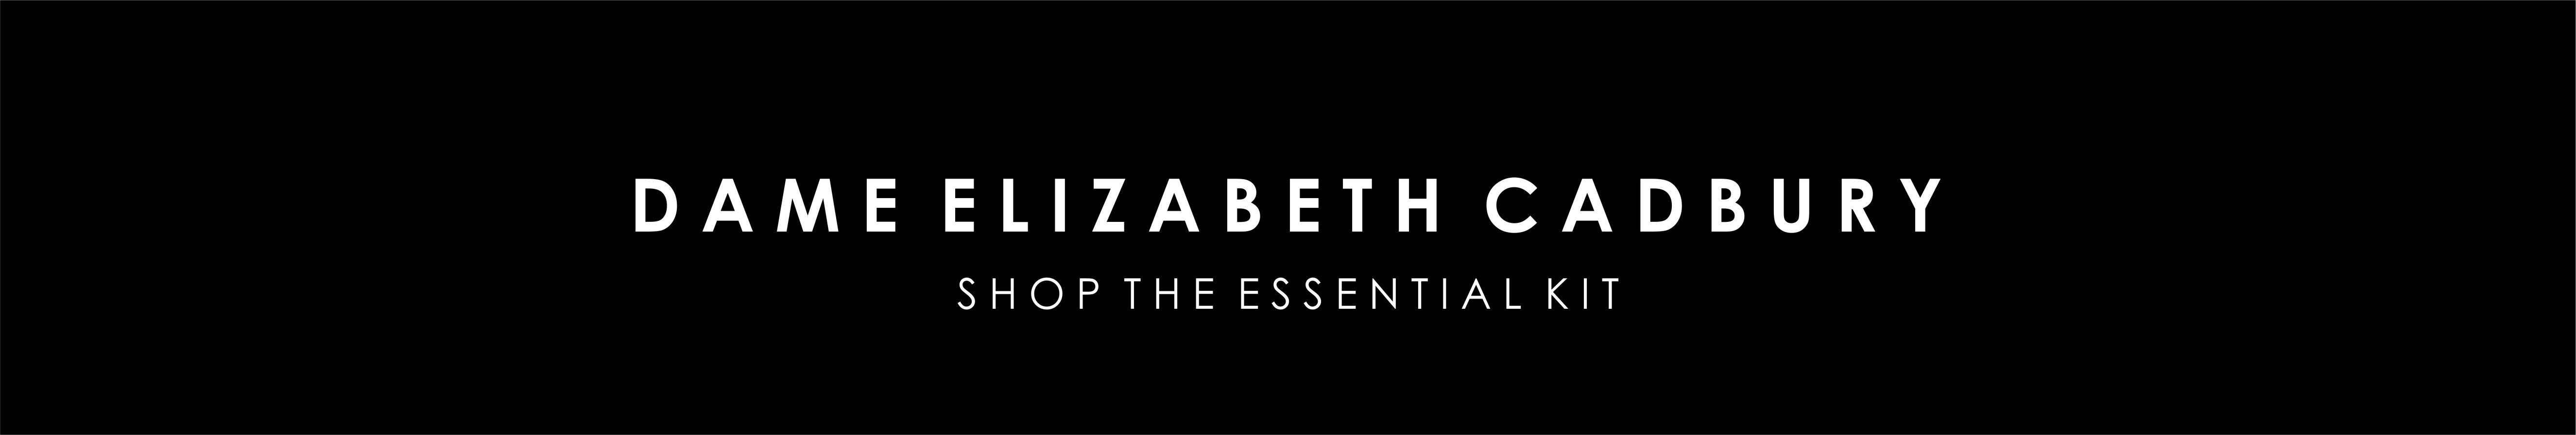 dame-elizabeth-banner.jpg